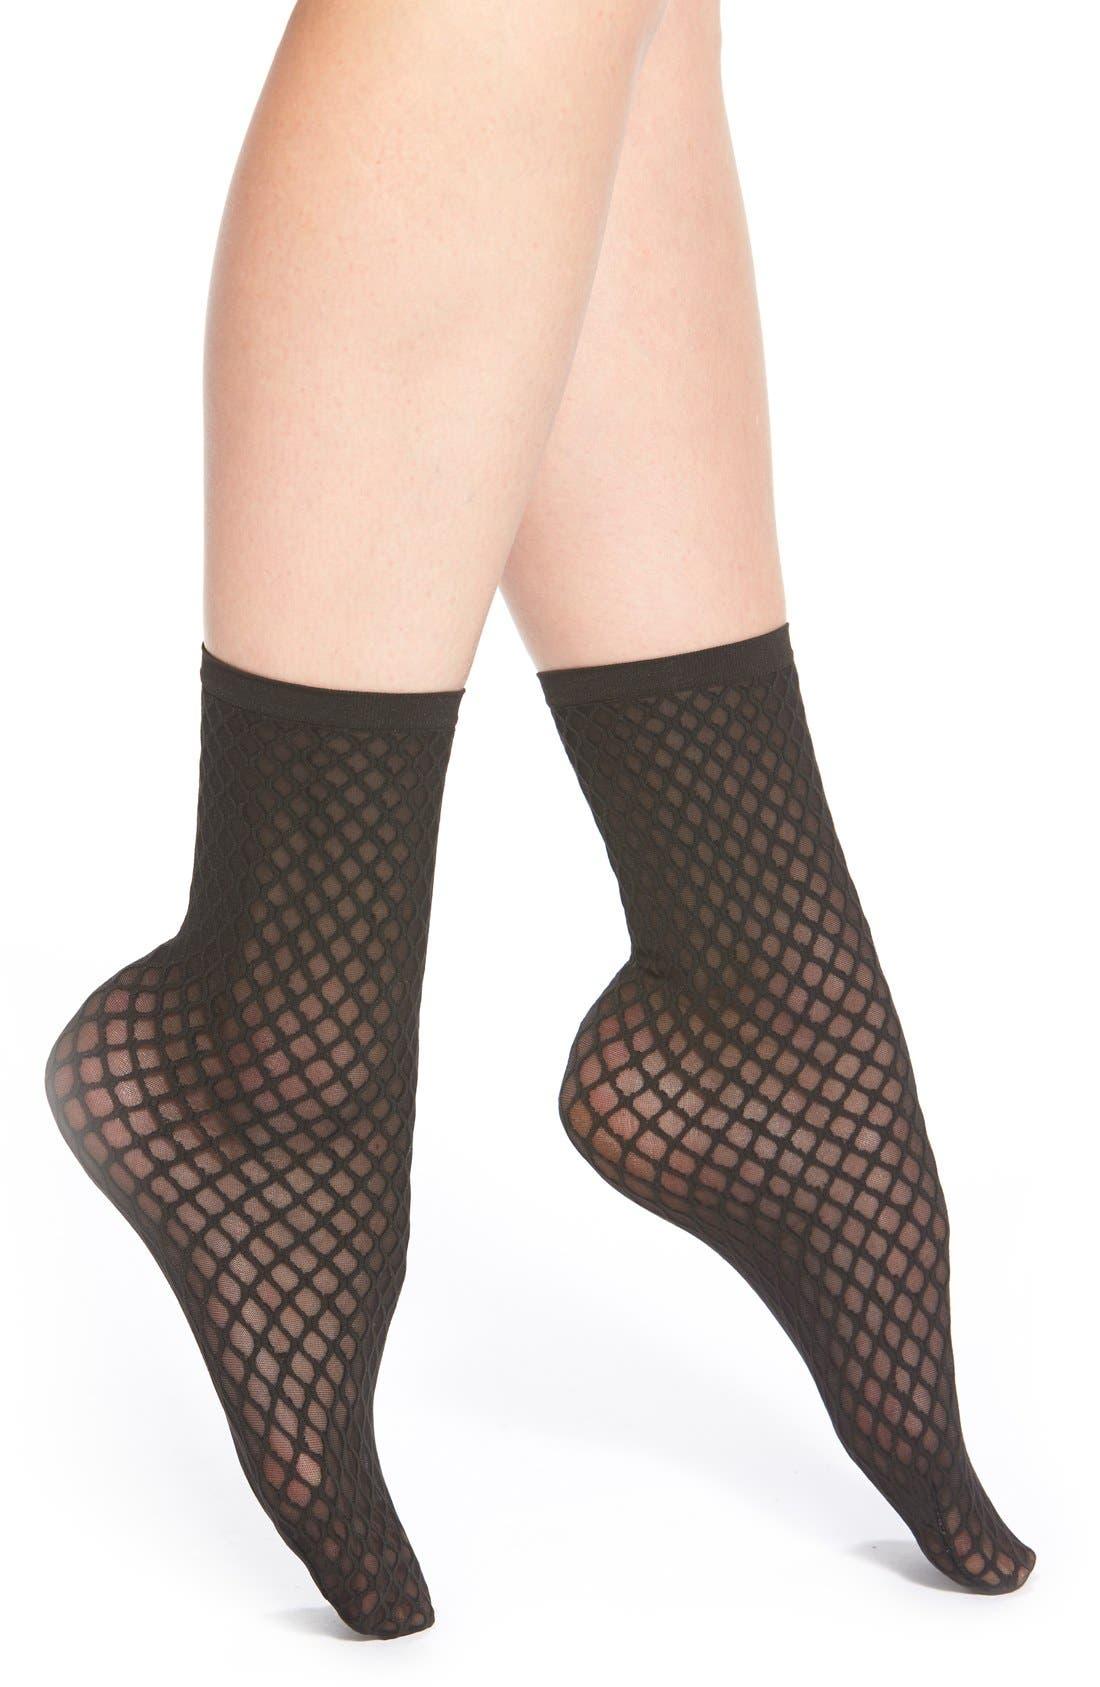 Alternate Image 1 Selected - Wolford 'Sibylle' Semi-Sheer Trouser Socks